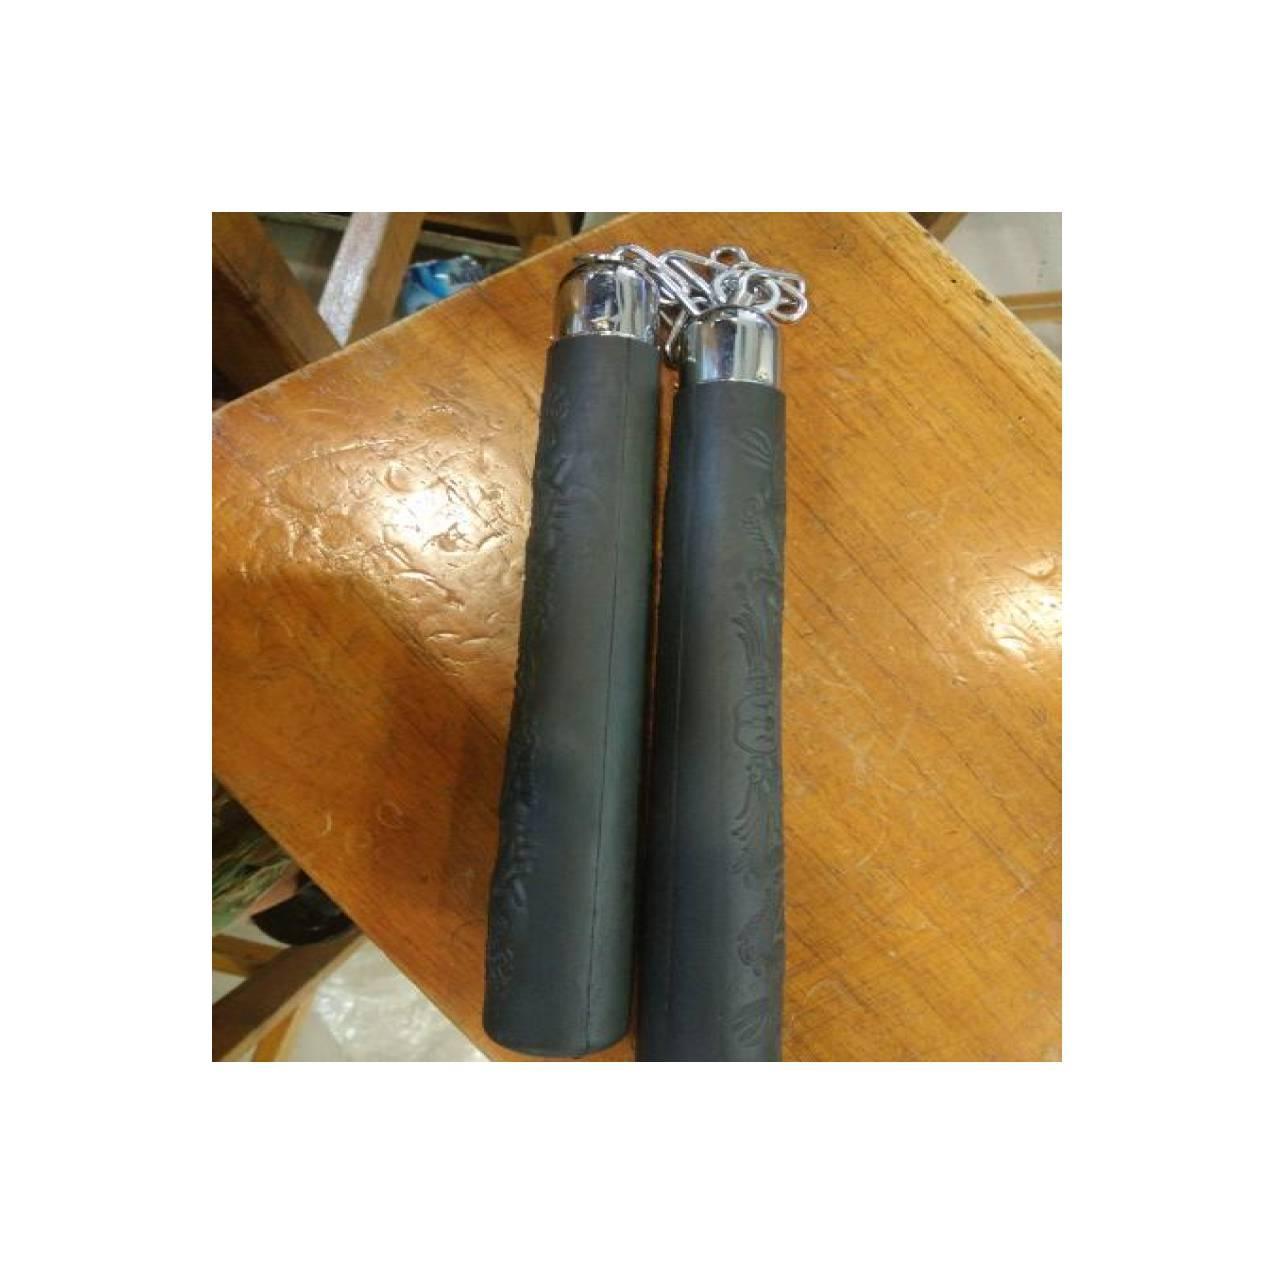 Jual Limited Edition Karet Murah Garansi Dan Berkualitas Id Store Wellnut Rp 248000